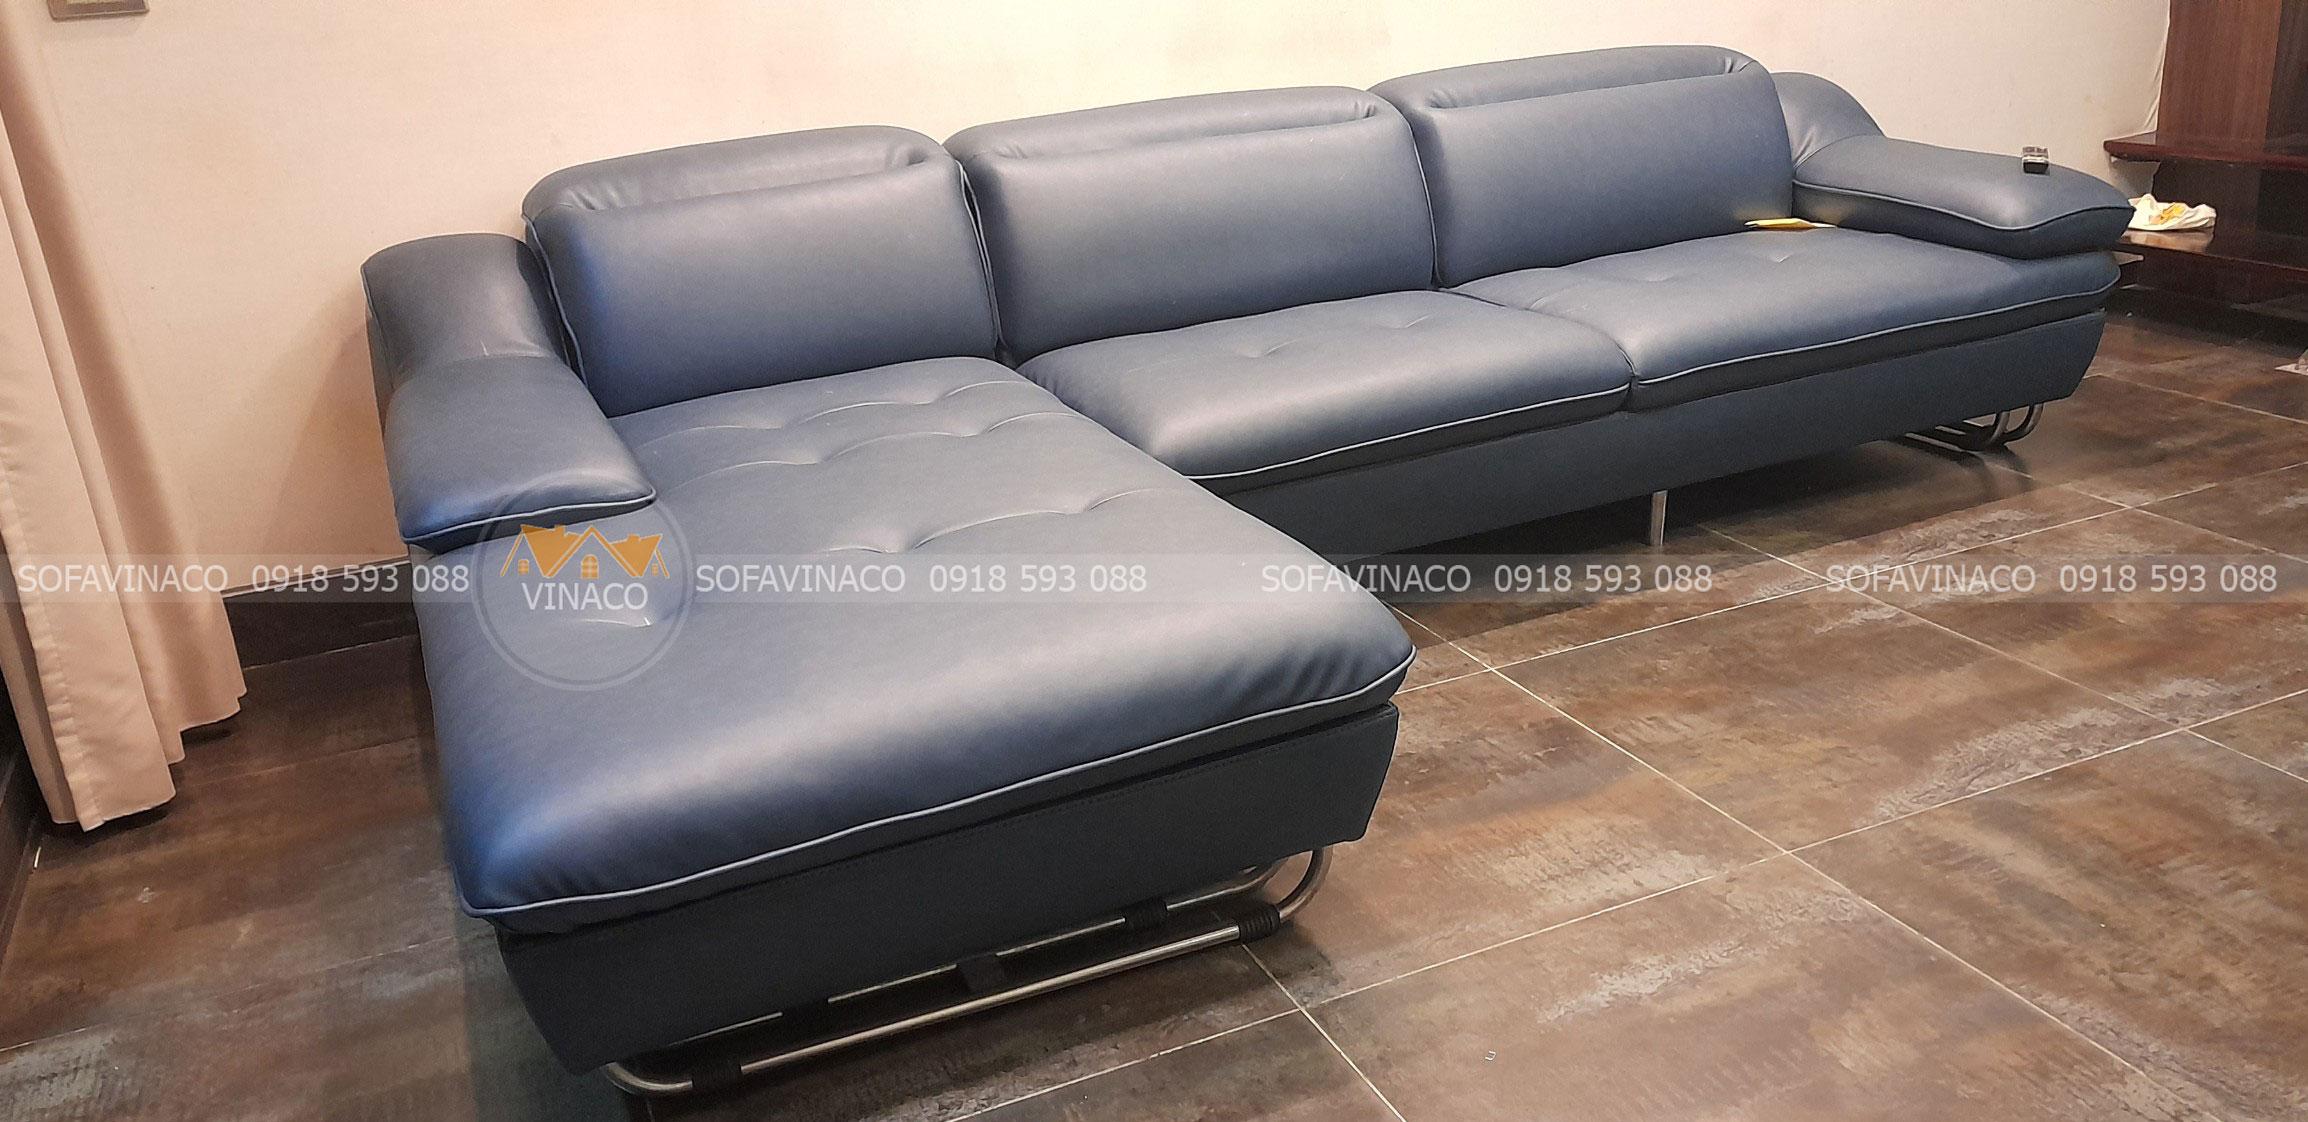 Bọc ghế sofa da simili loại tốt tại Thanh Xuân, Hà Nội